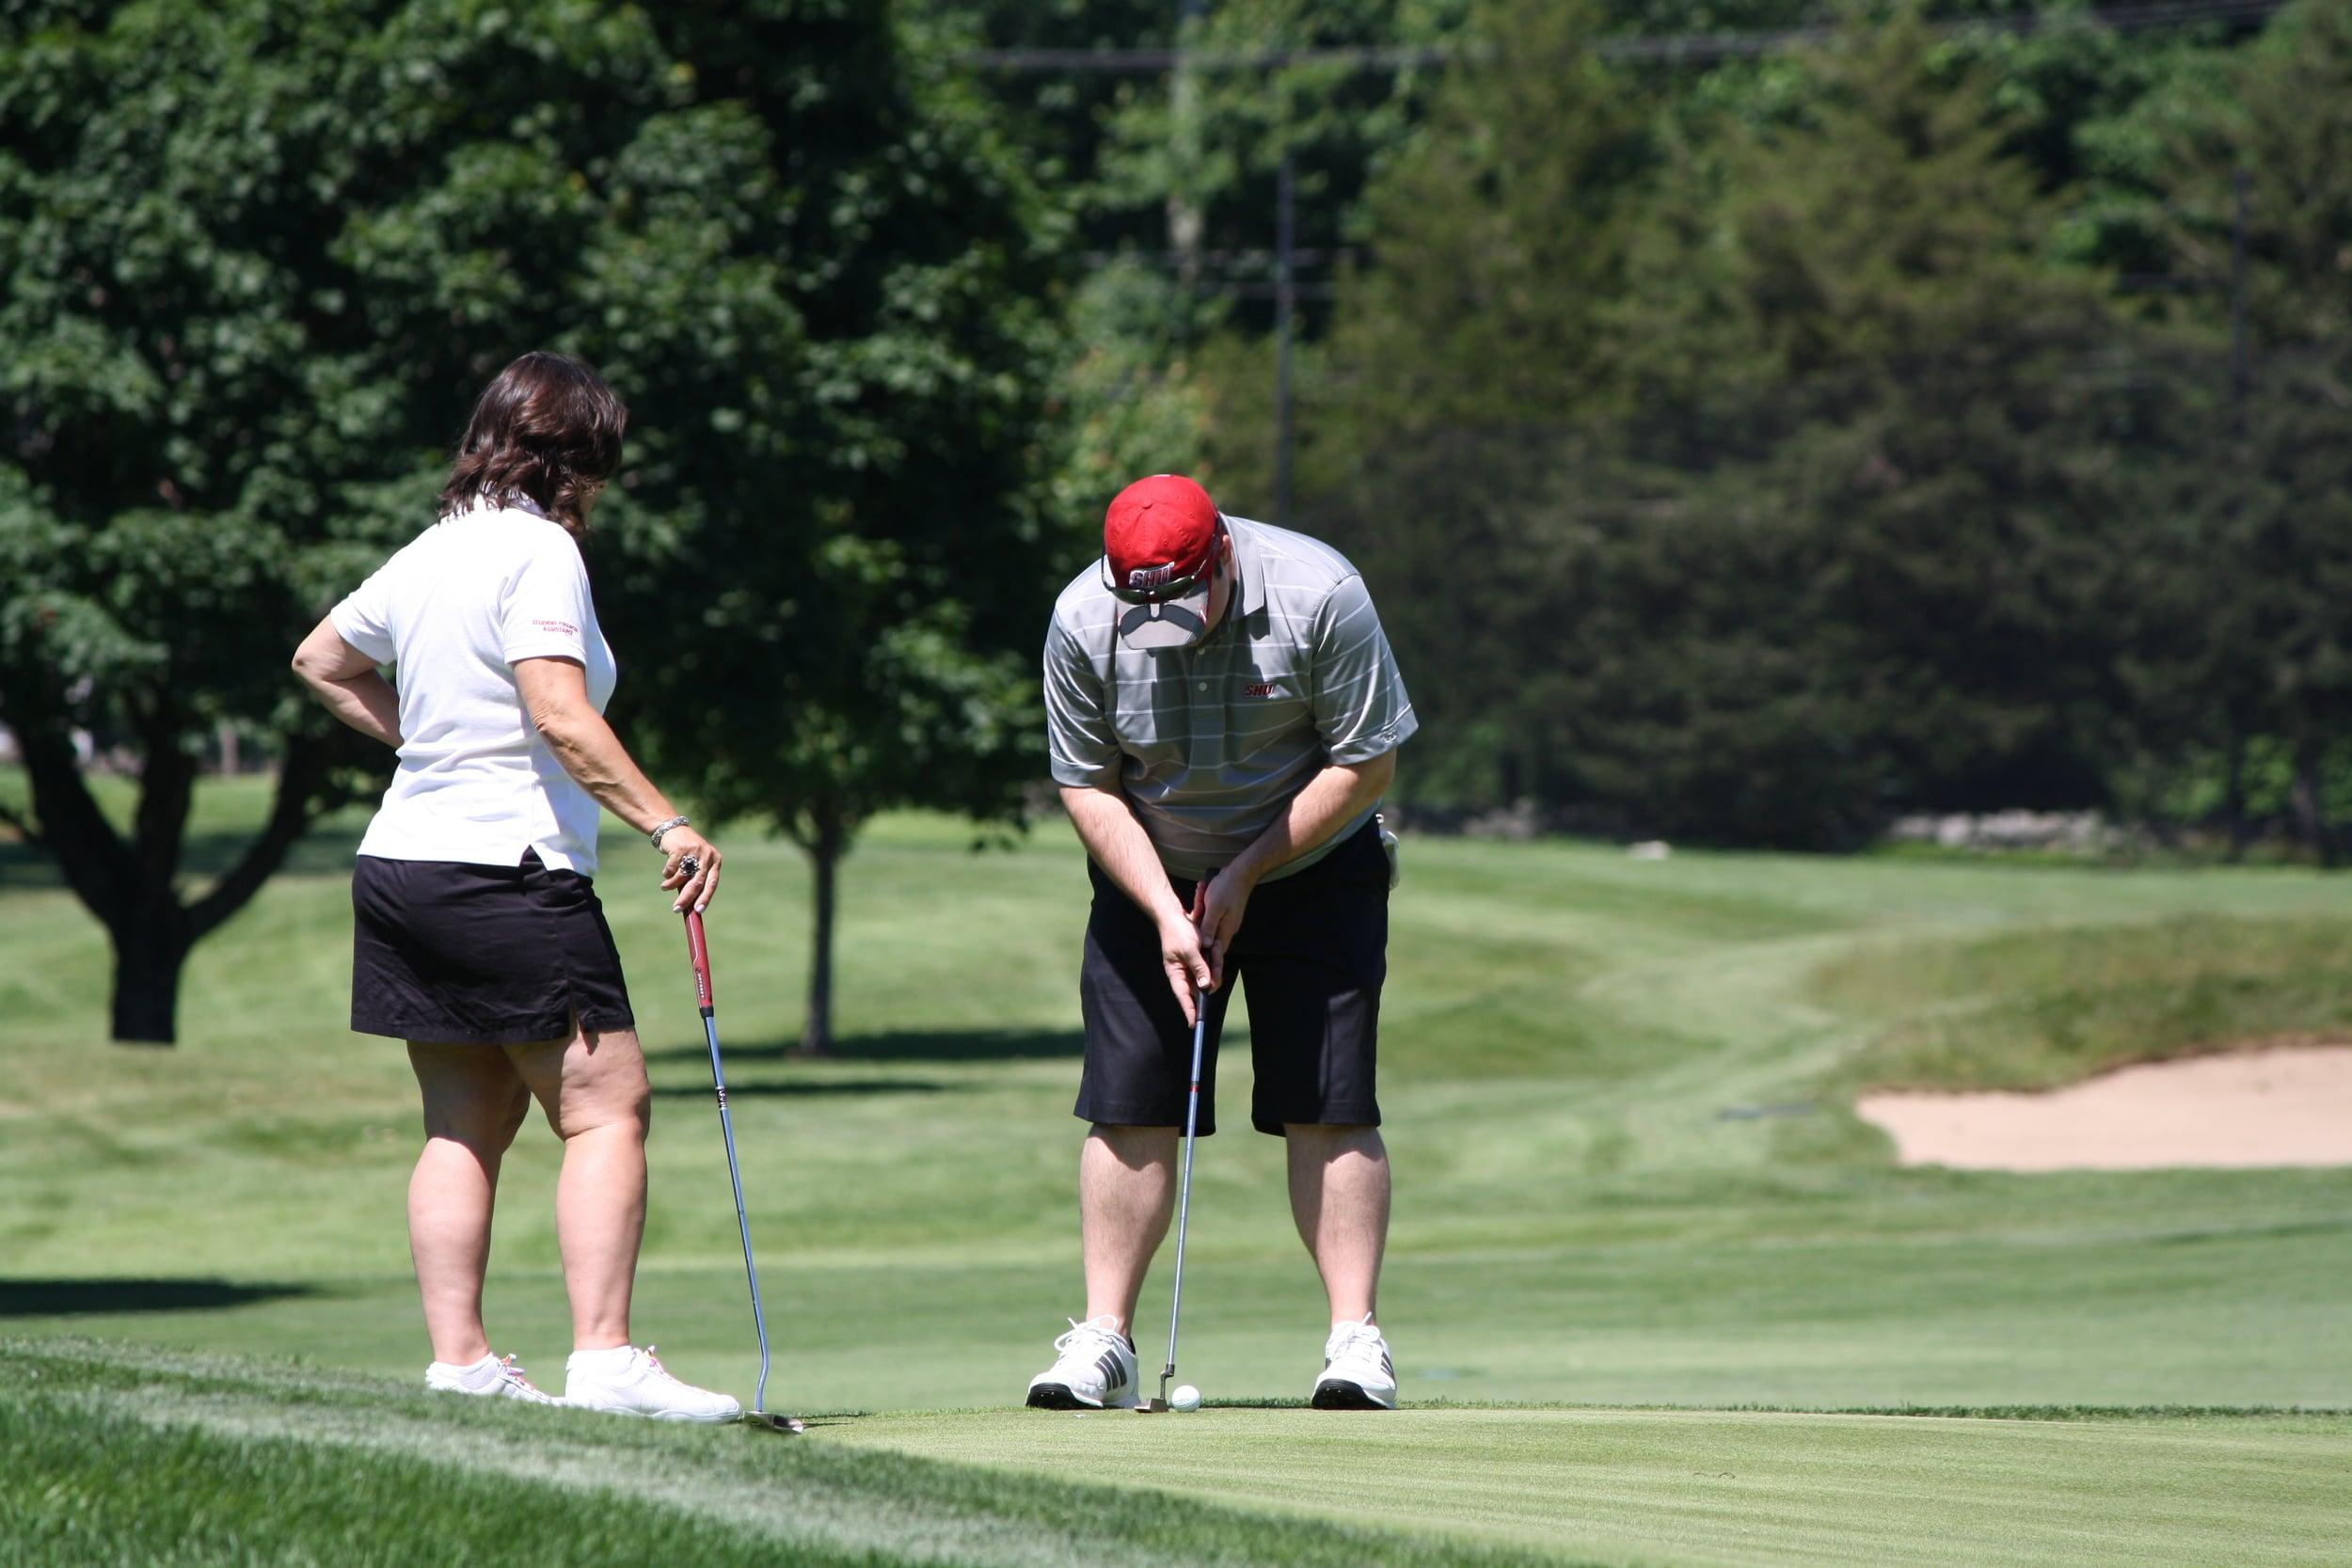 061614 rrcc golf julie savino team 5376.JPG